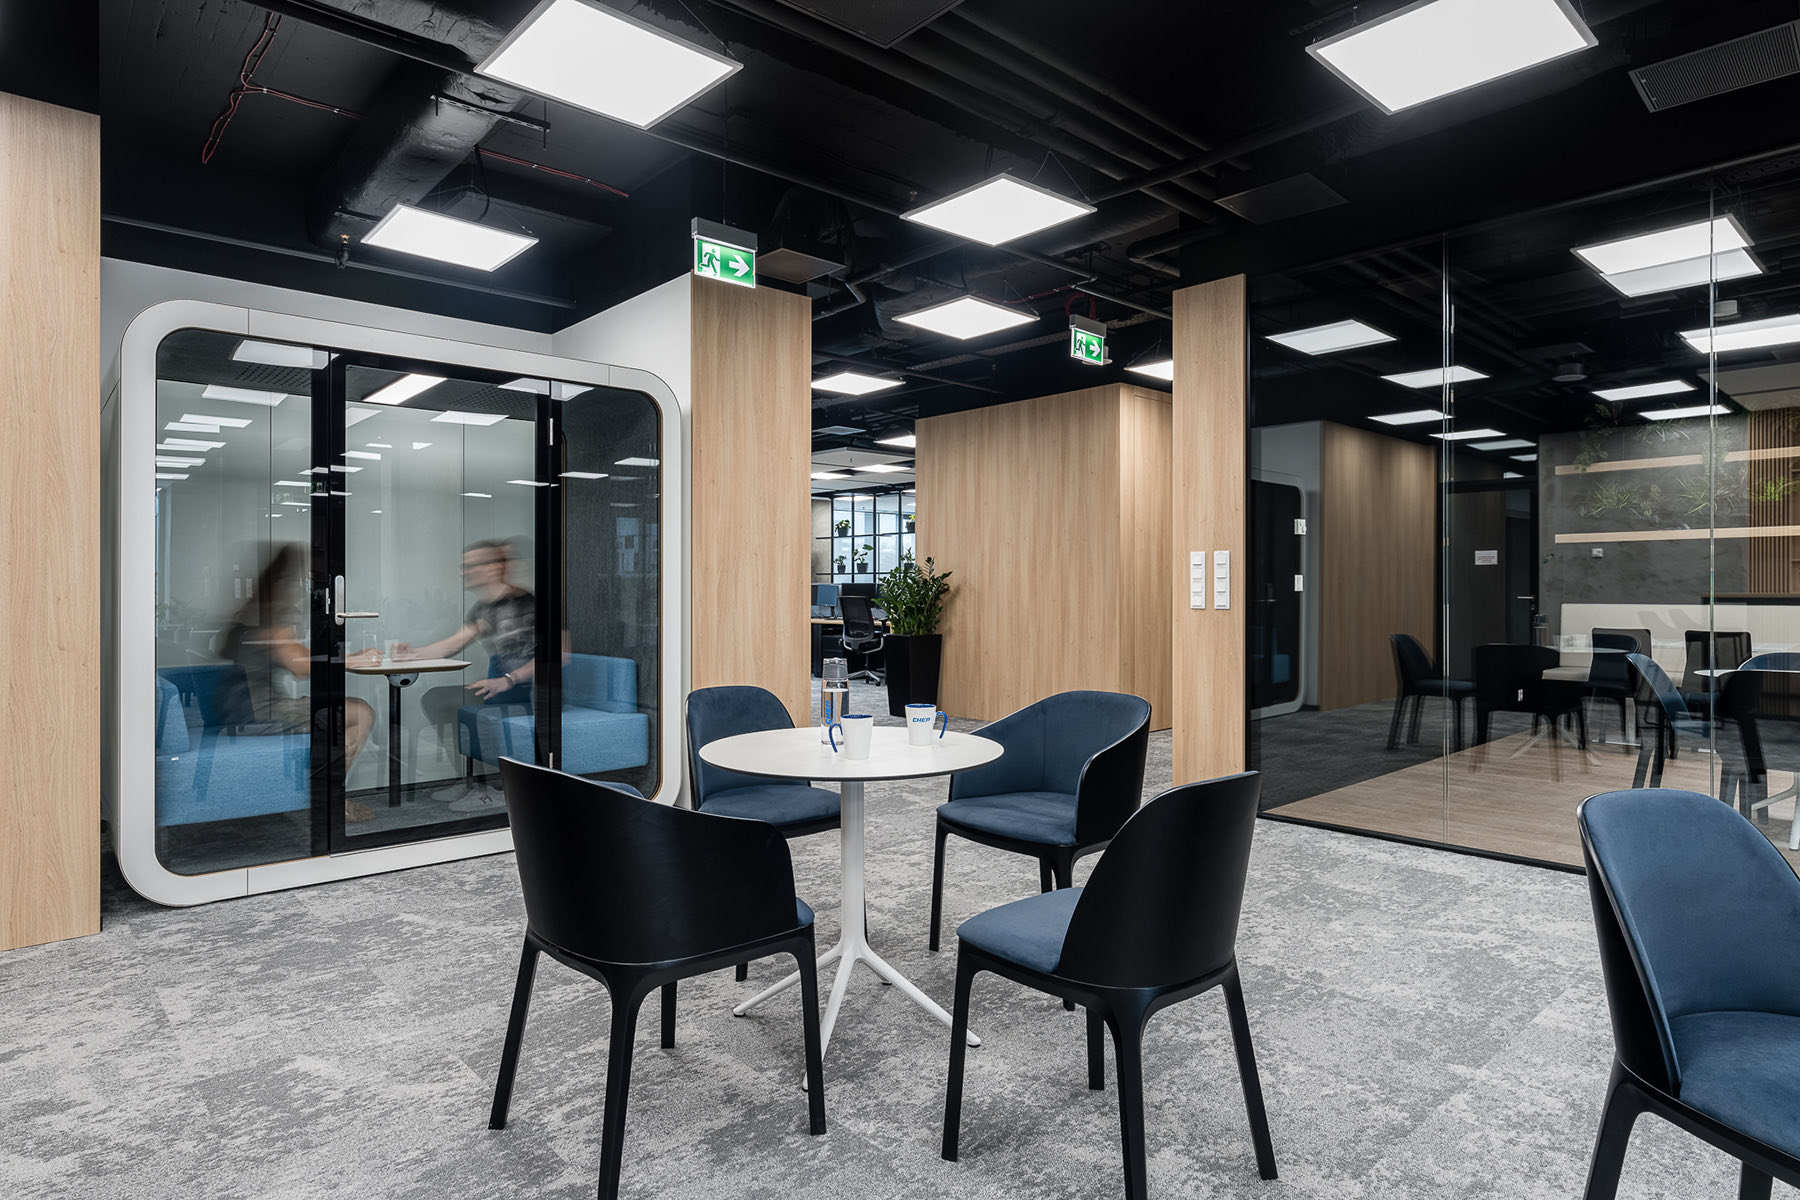 chep-polska-office-7